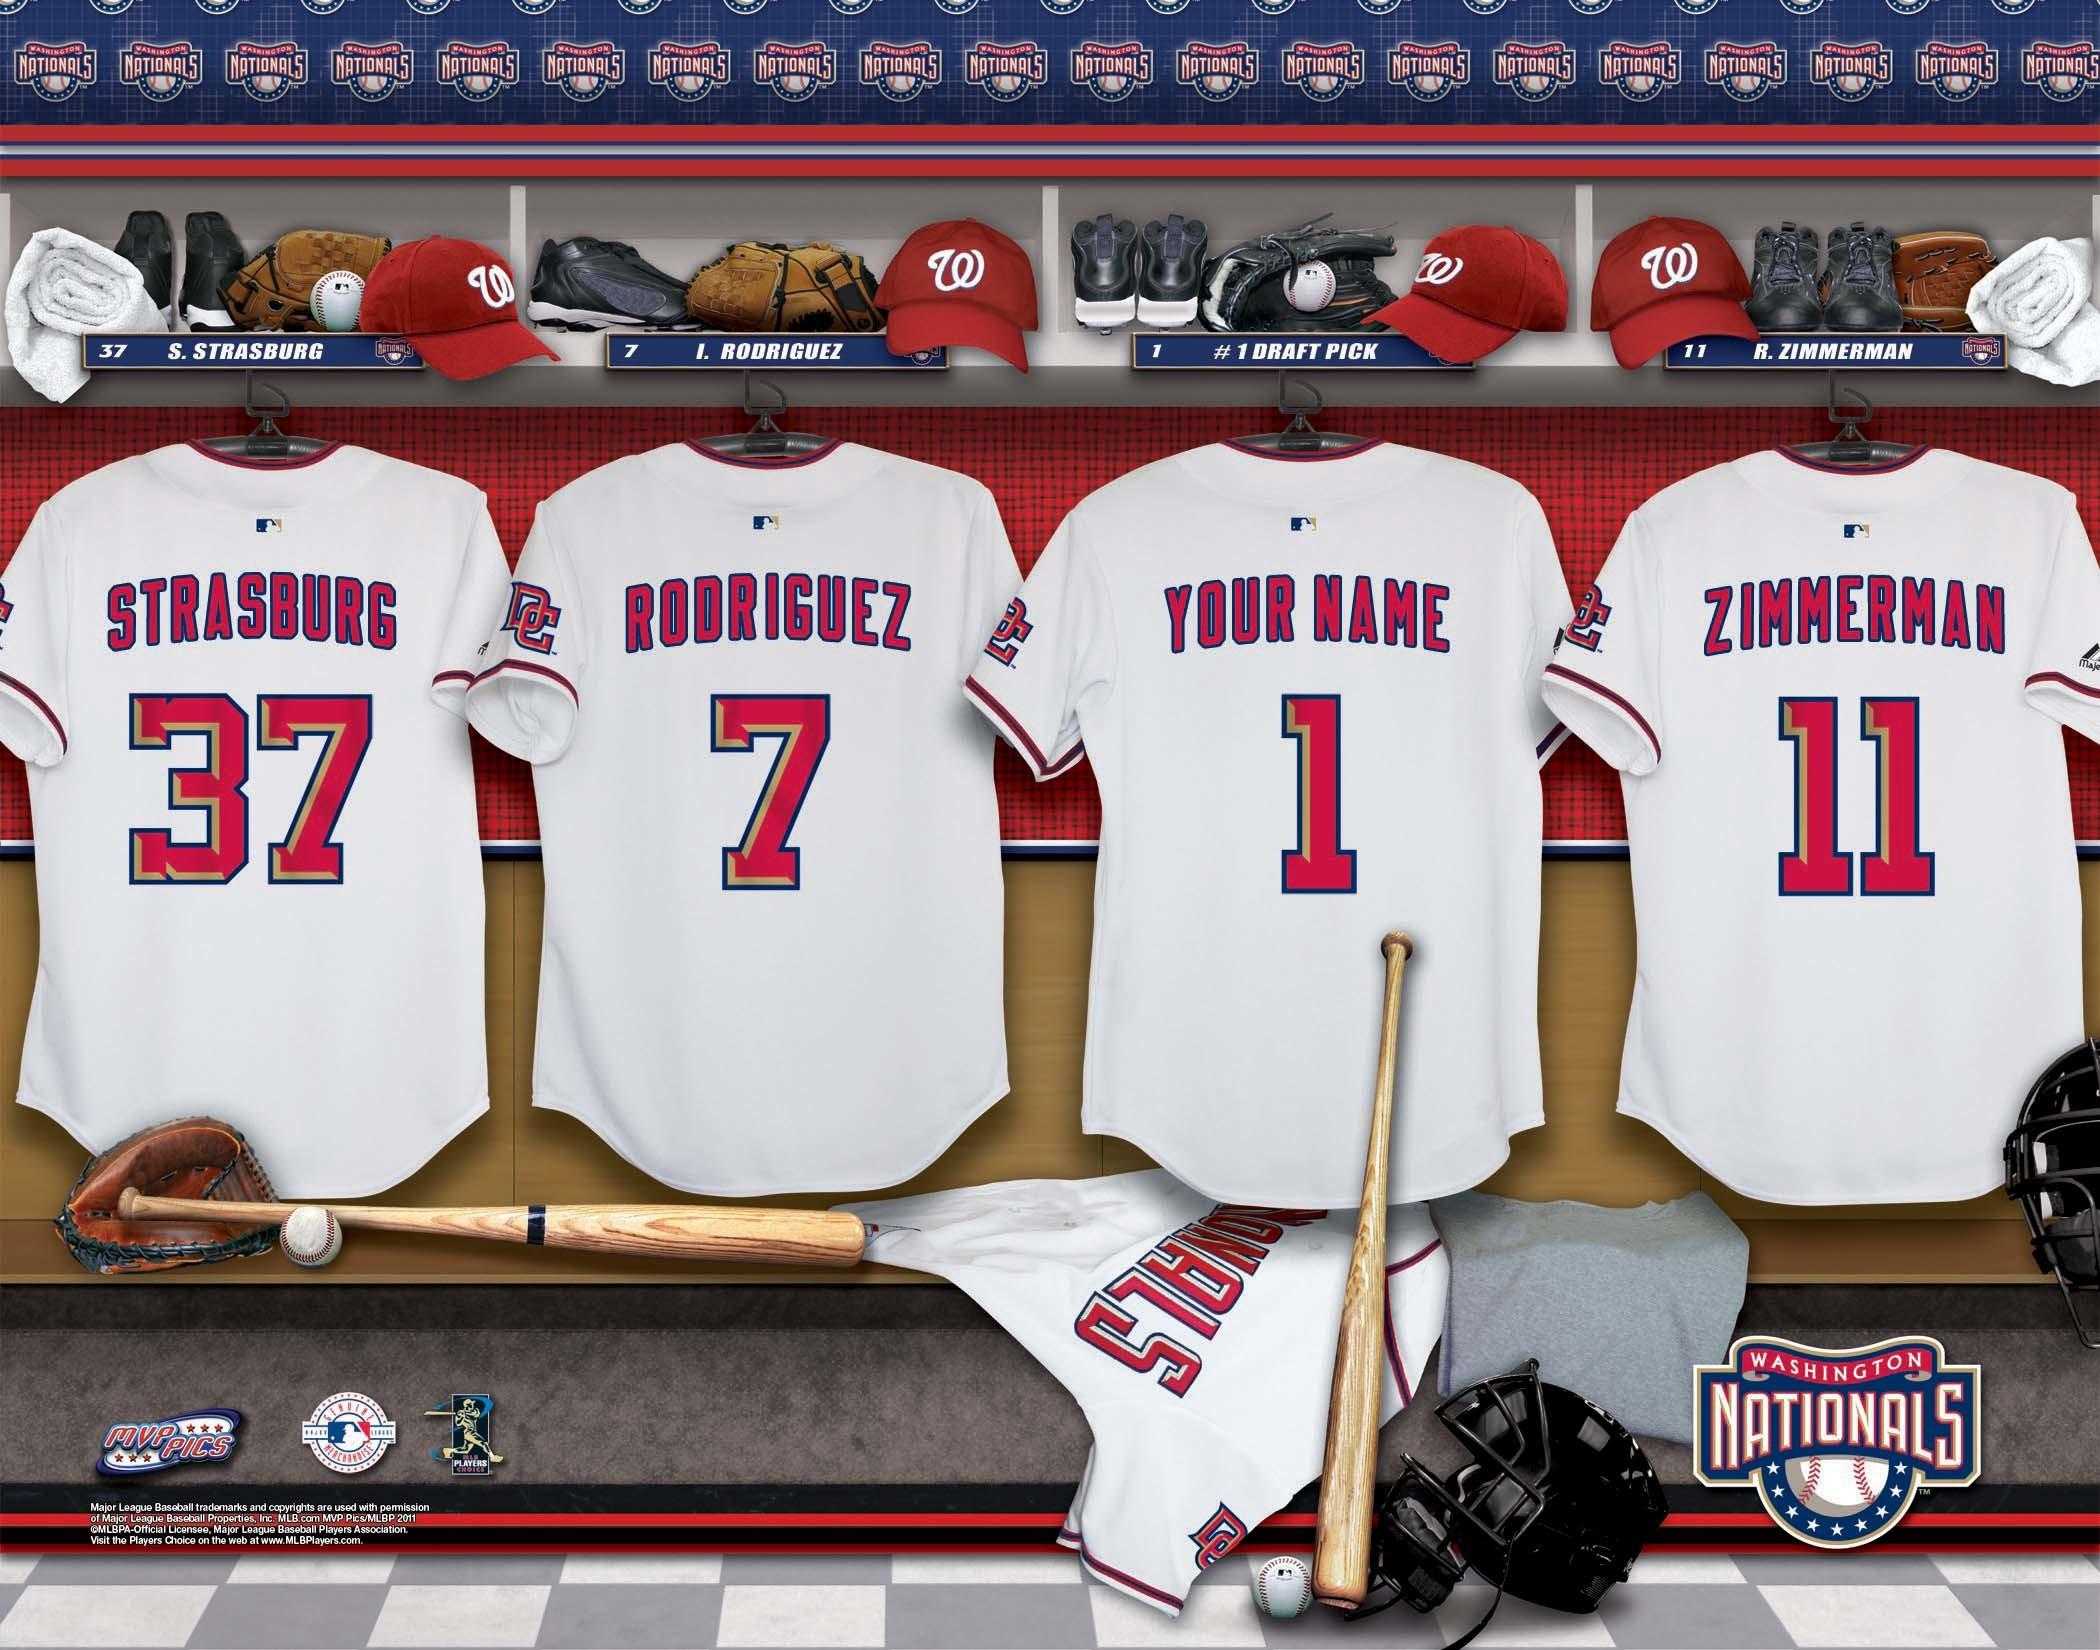 WASHINGTON NATIONALS mlb baseball (47) wallpaper | .